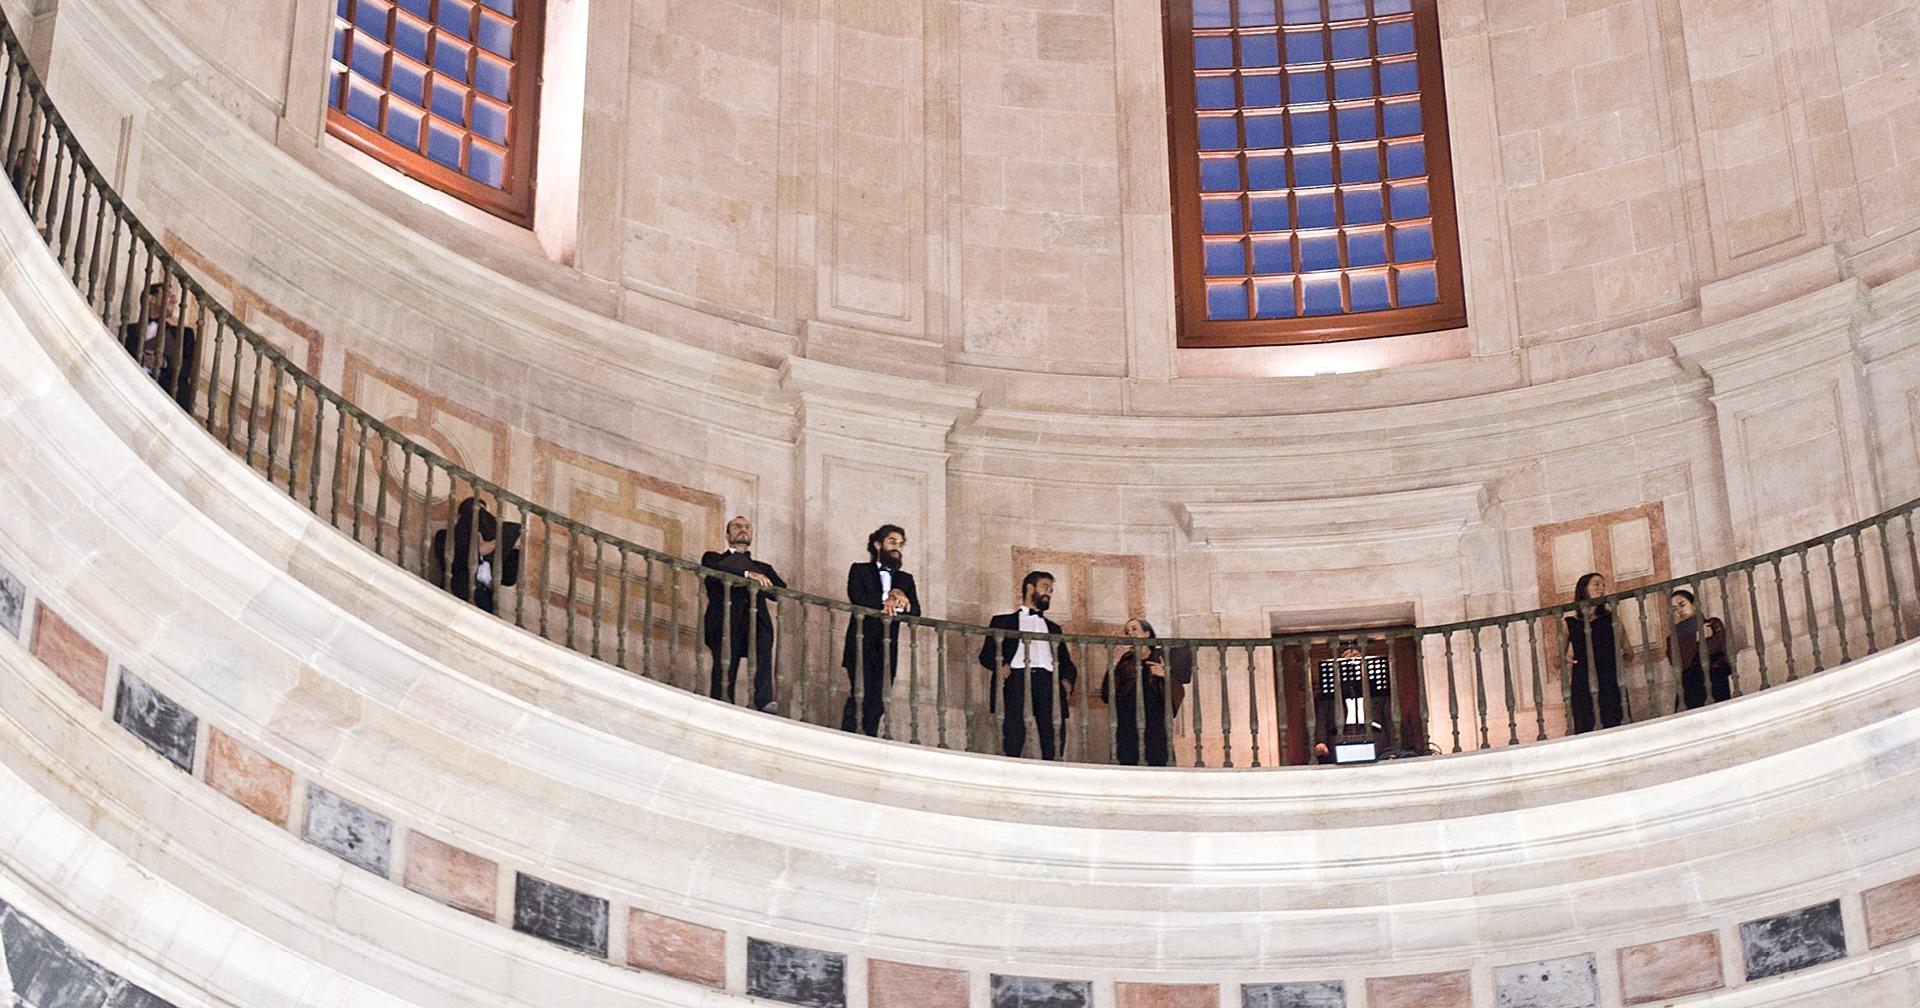 Diálogos Improváveis - Coro Gulbenkian no Panteão Nacional